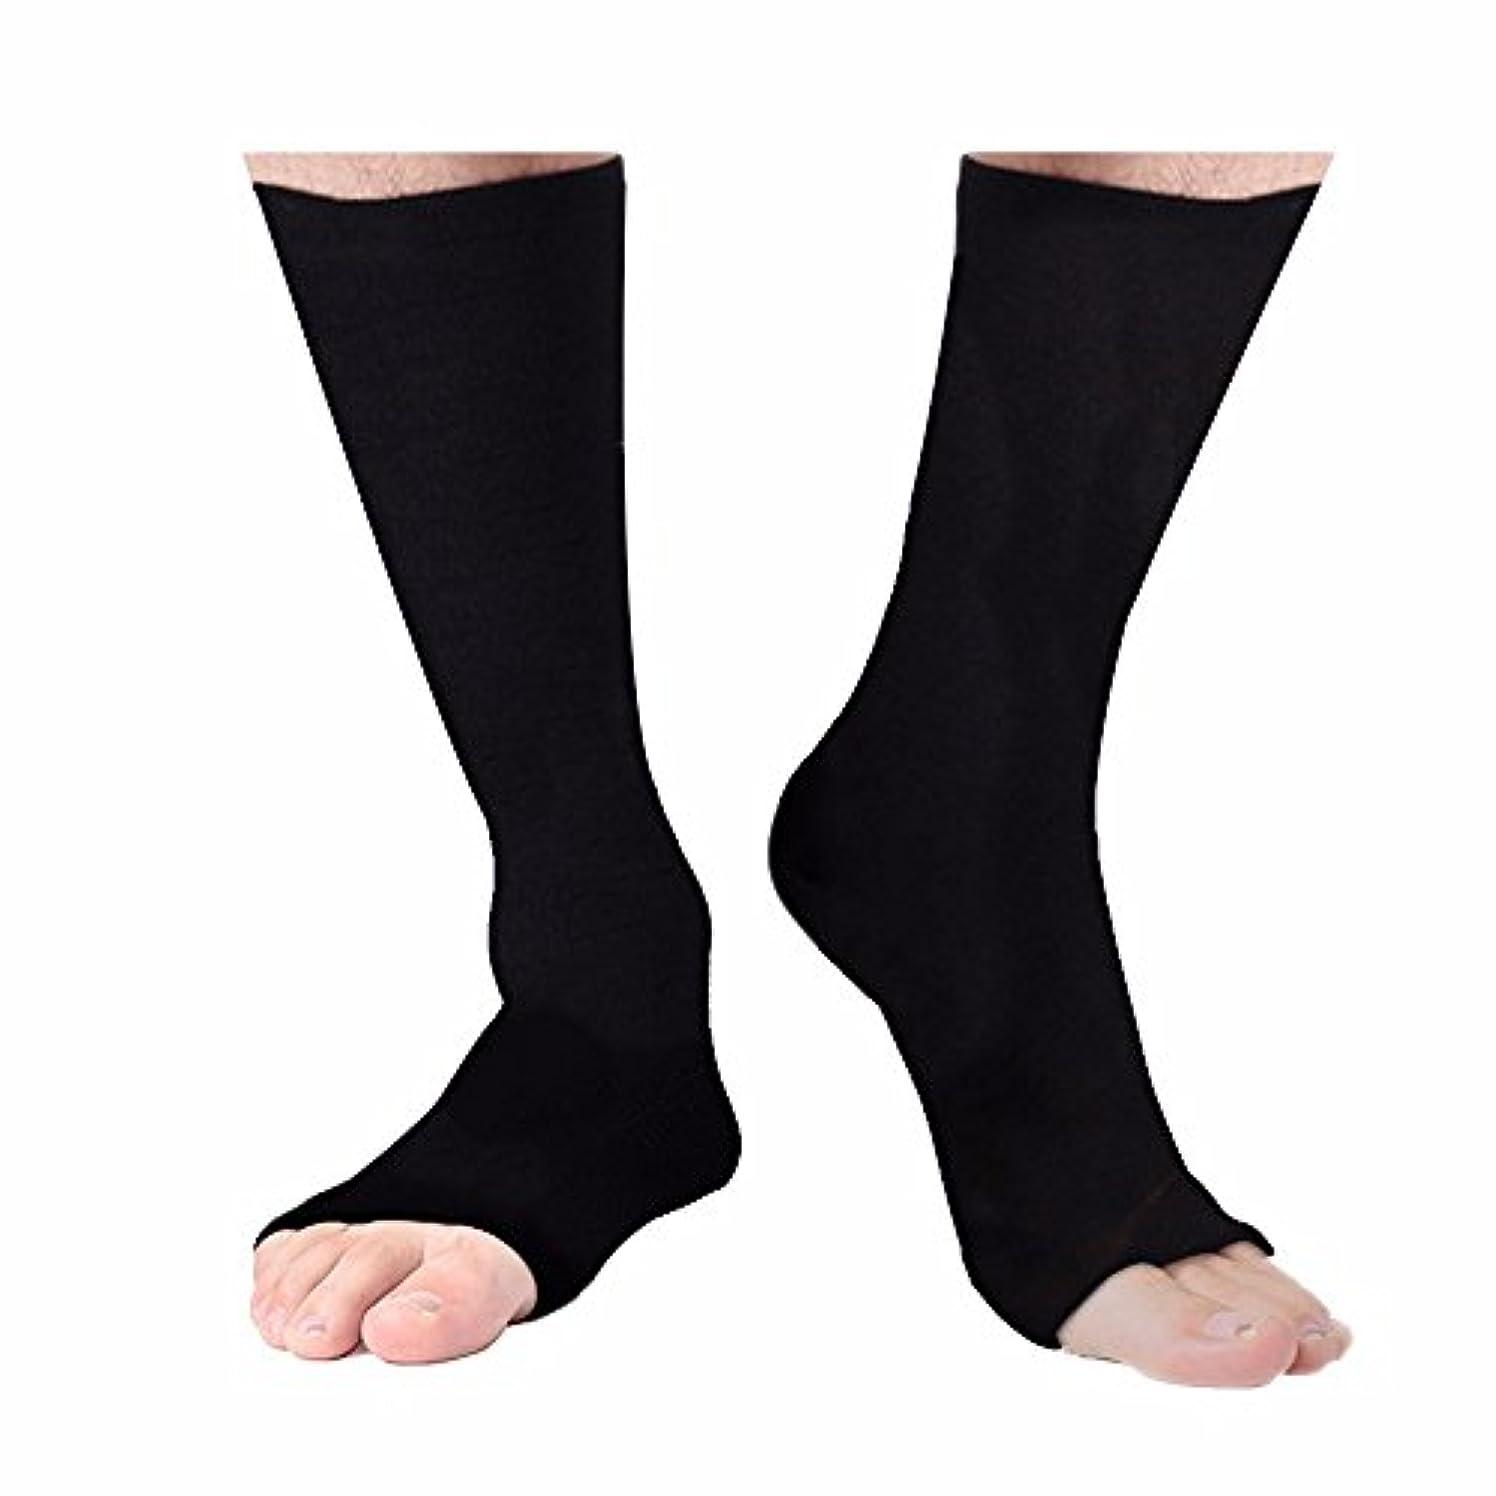 降臨好きである八百屋さんYartar 着圧ソックス オープントゥ 段階圧力 ハイソックス 膝下 むくみ対策 男女兼用 Open Toe Pressure Socks (ブラック, L:35cm)